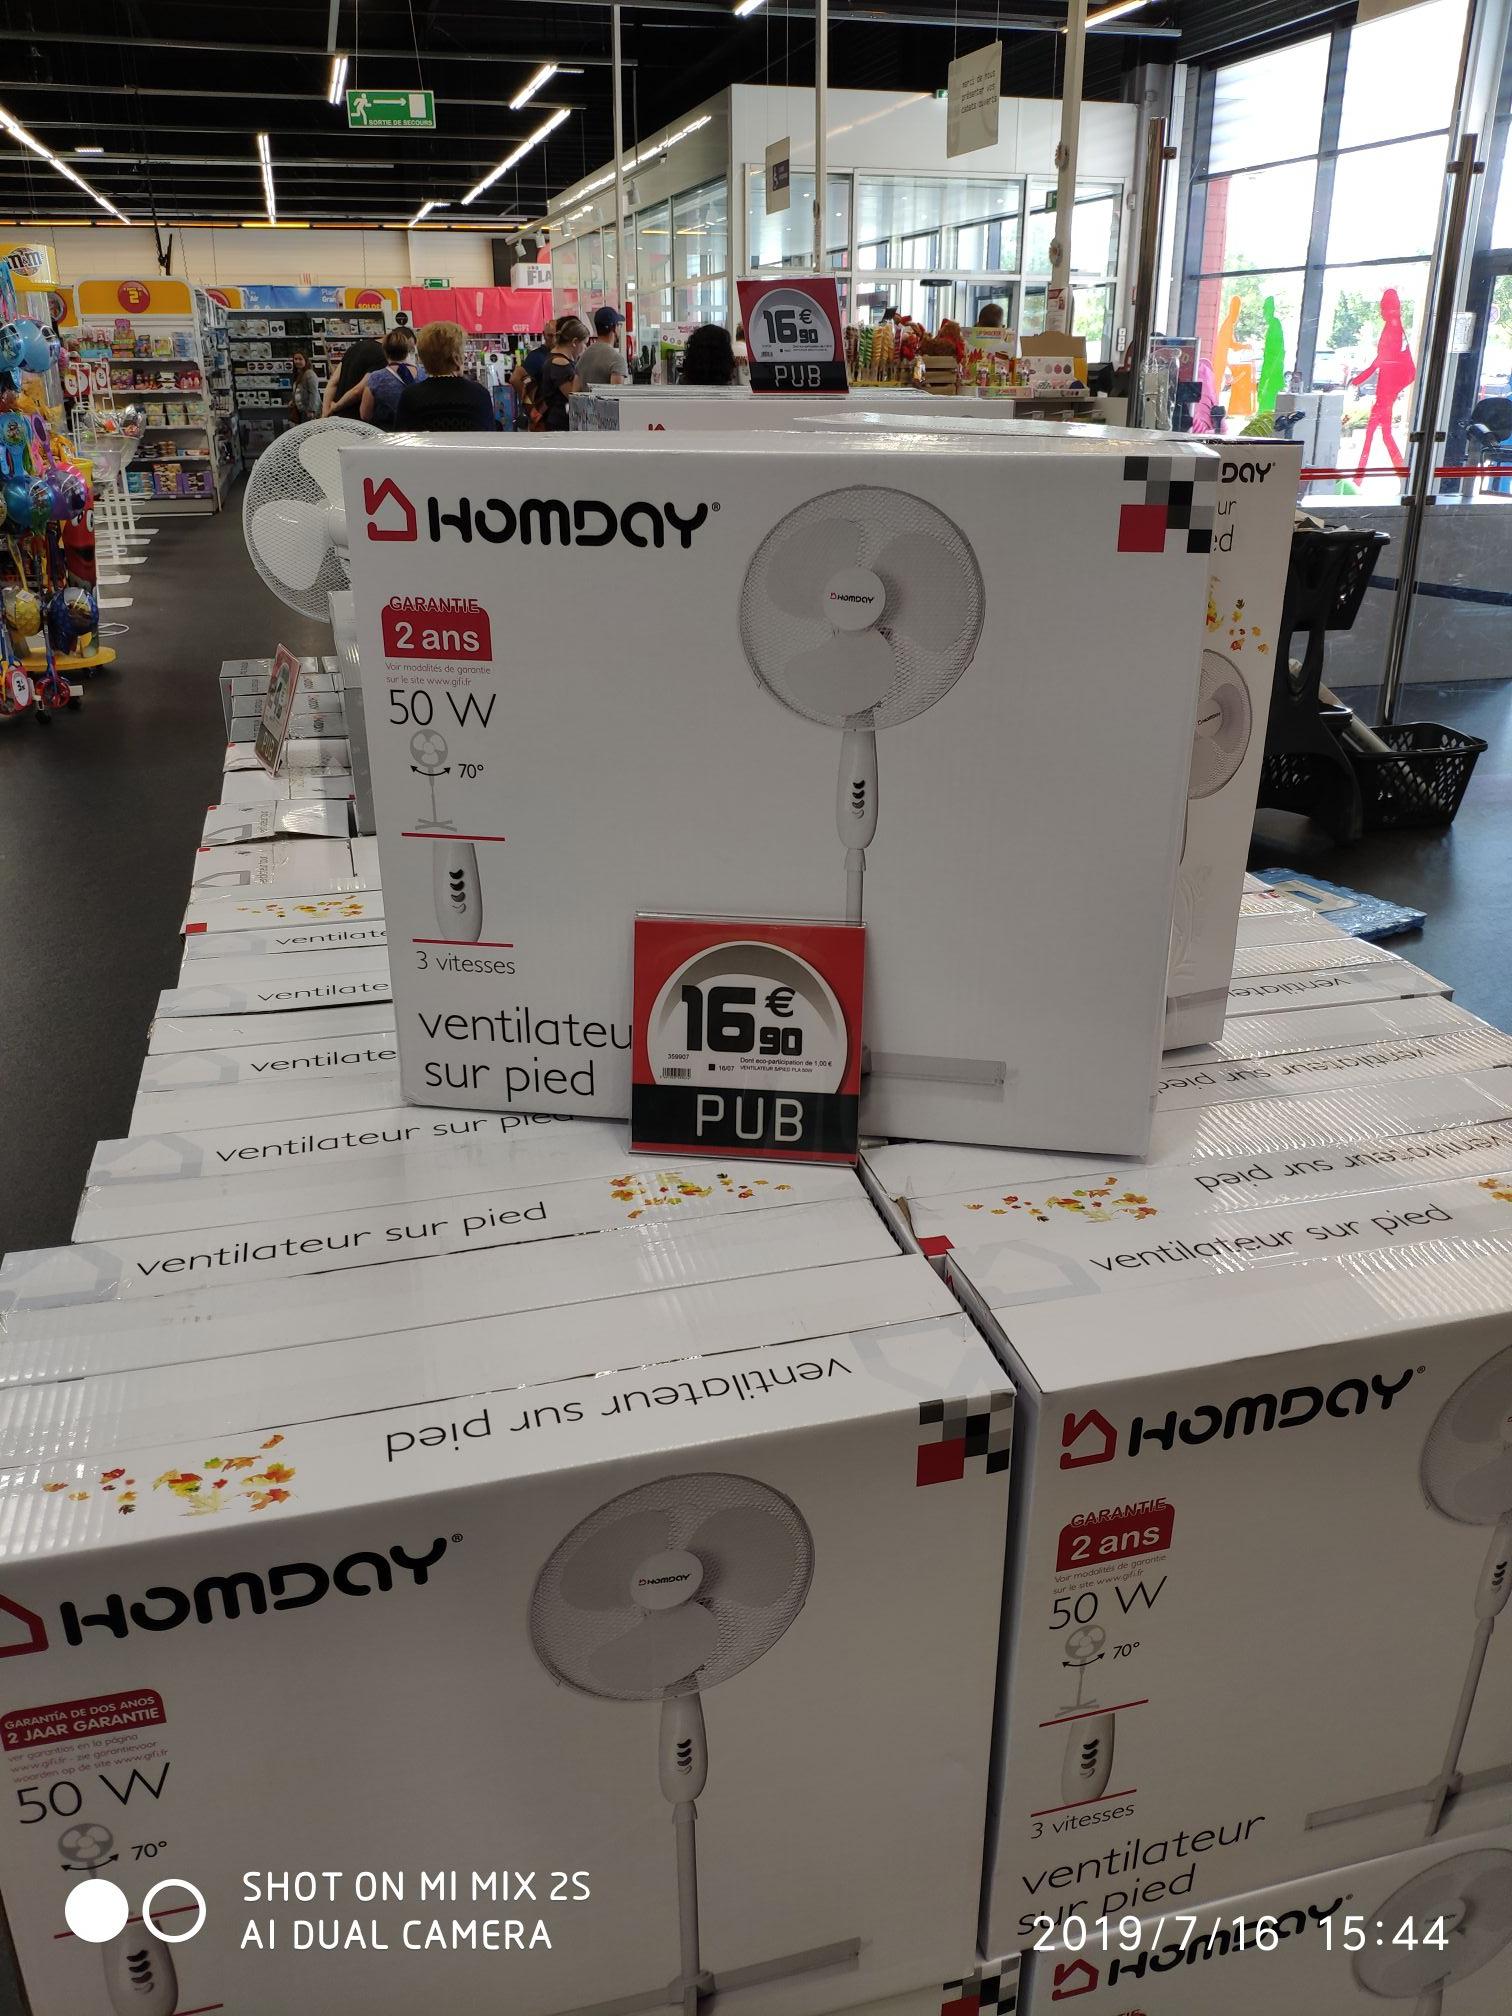 Ventilateur sur pied Homday (3 vitesses, 50 W) - Dechy (59)